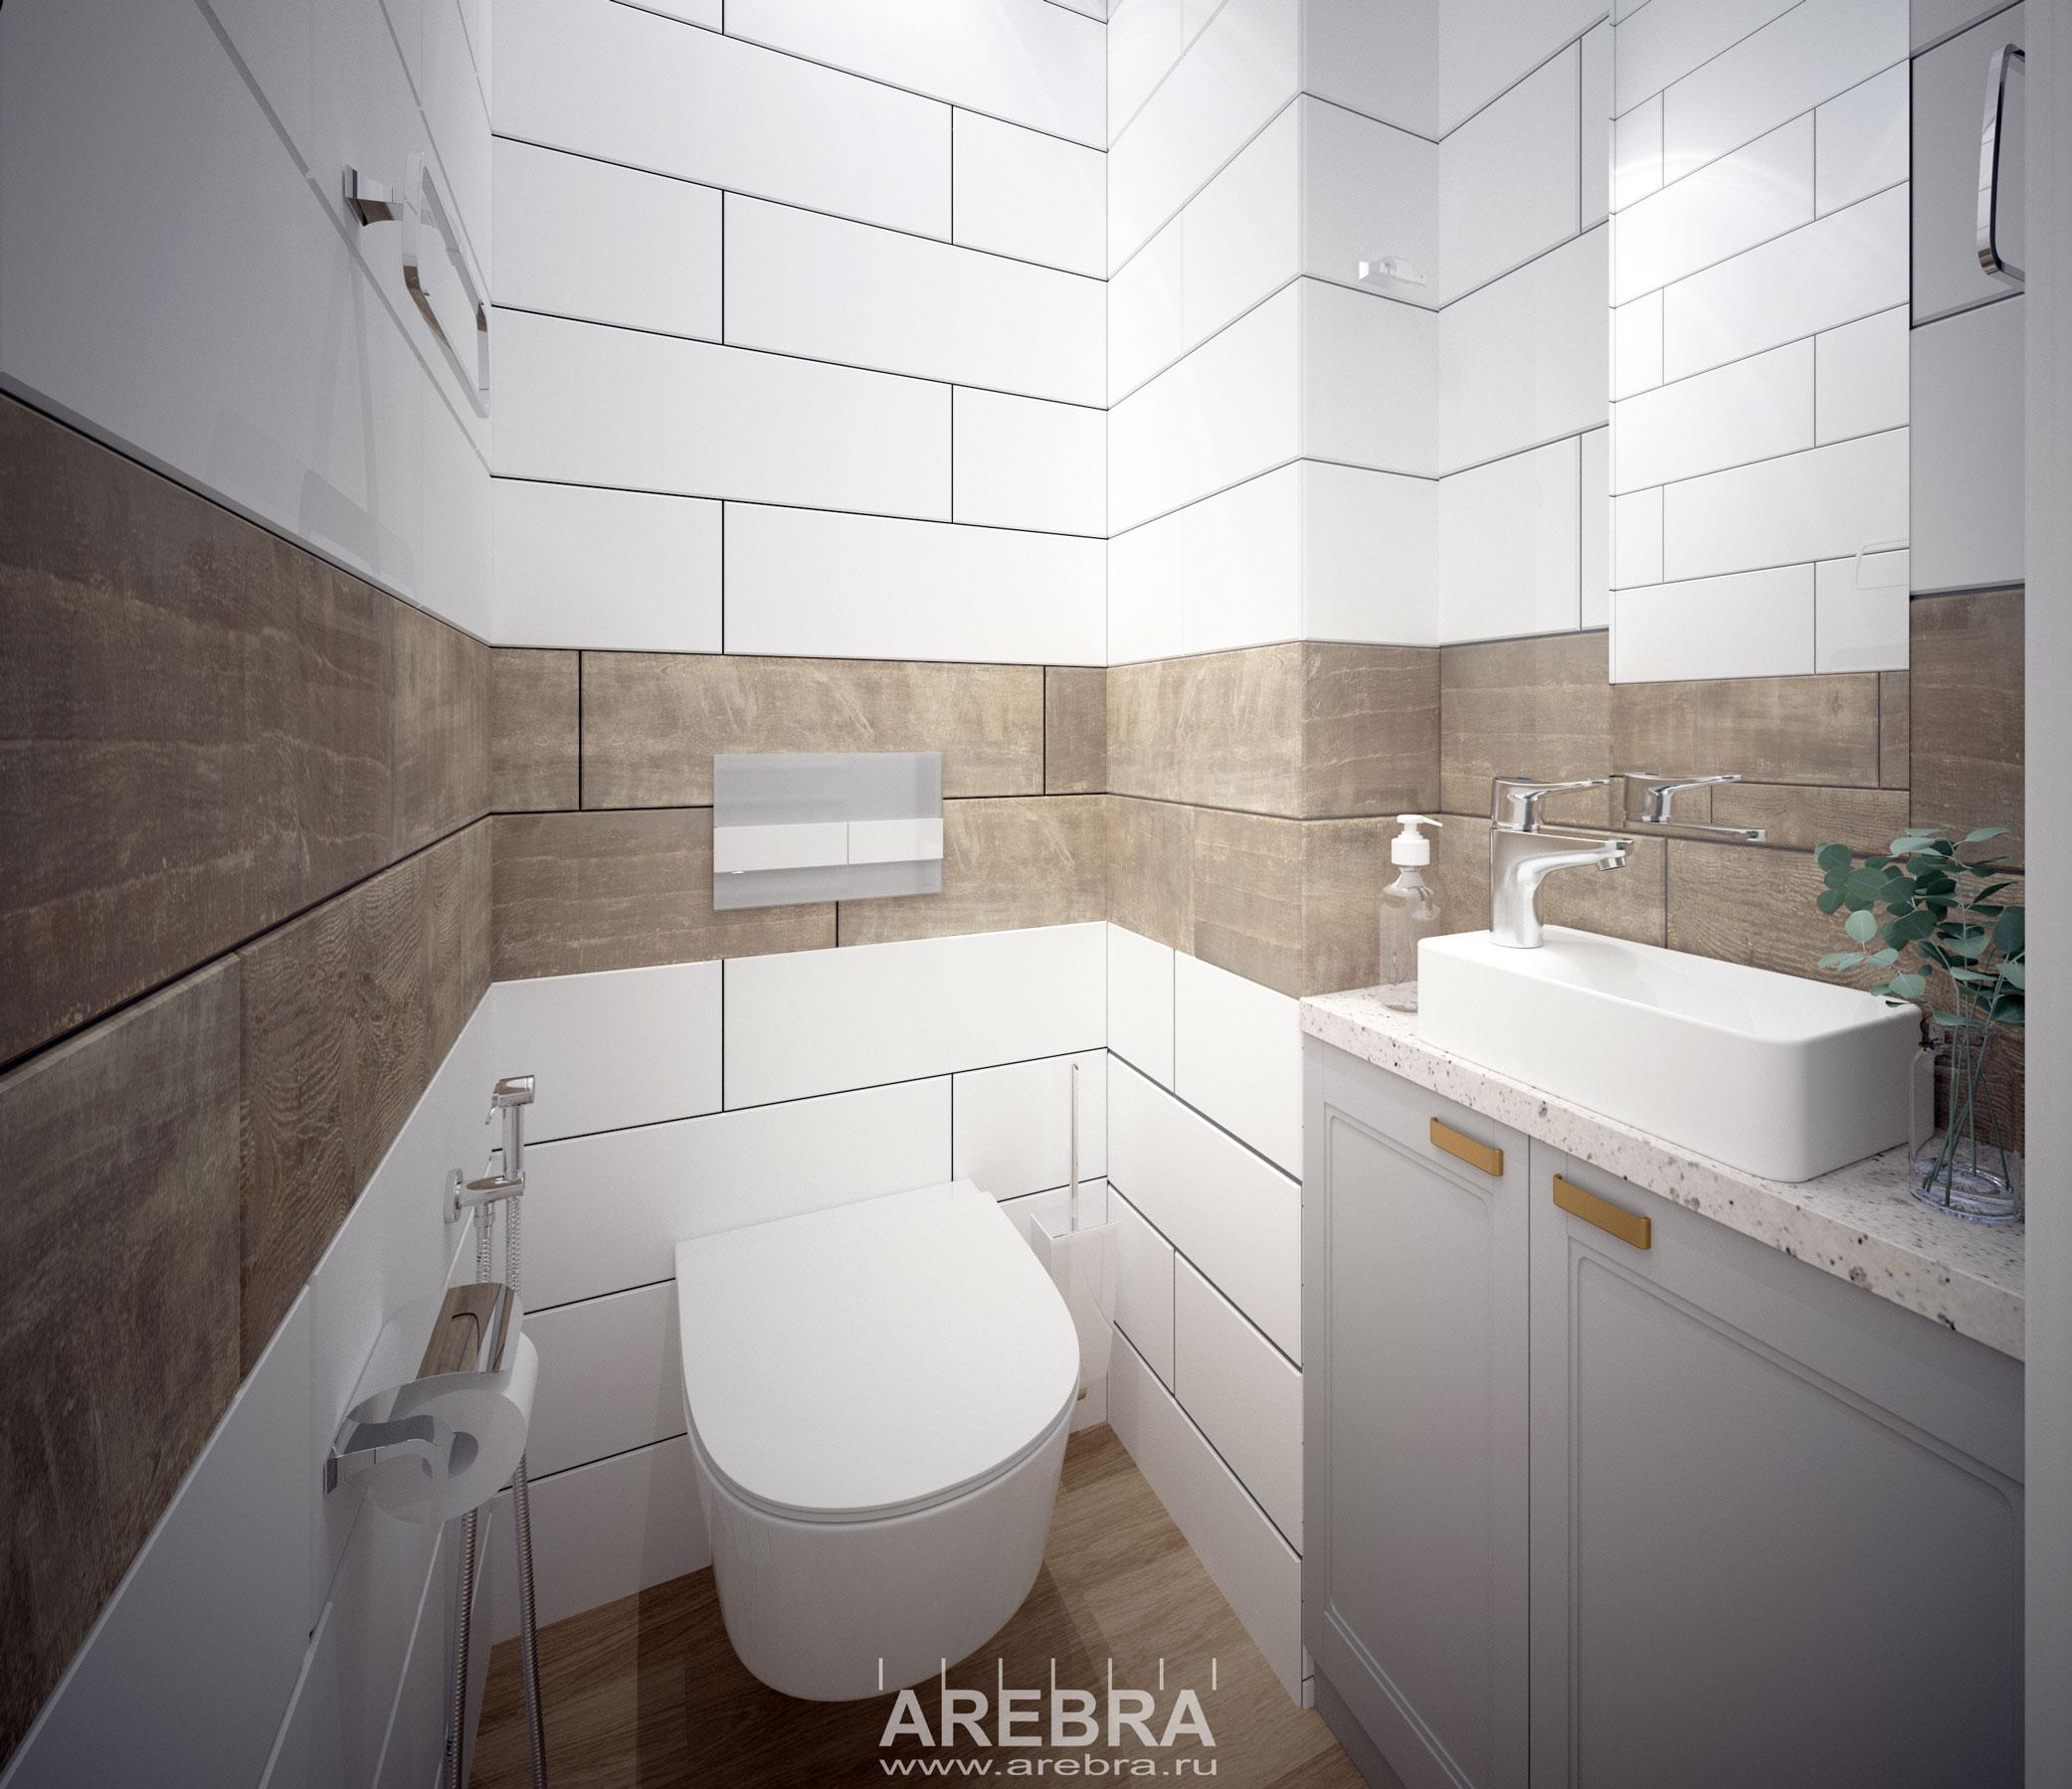 Дизайн проект части квартиры в Москве, Старые Химки.Проект кухни, туалета и ванной комнаты.